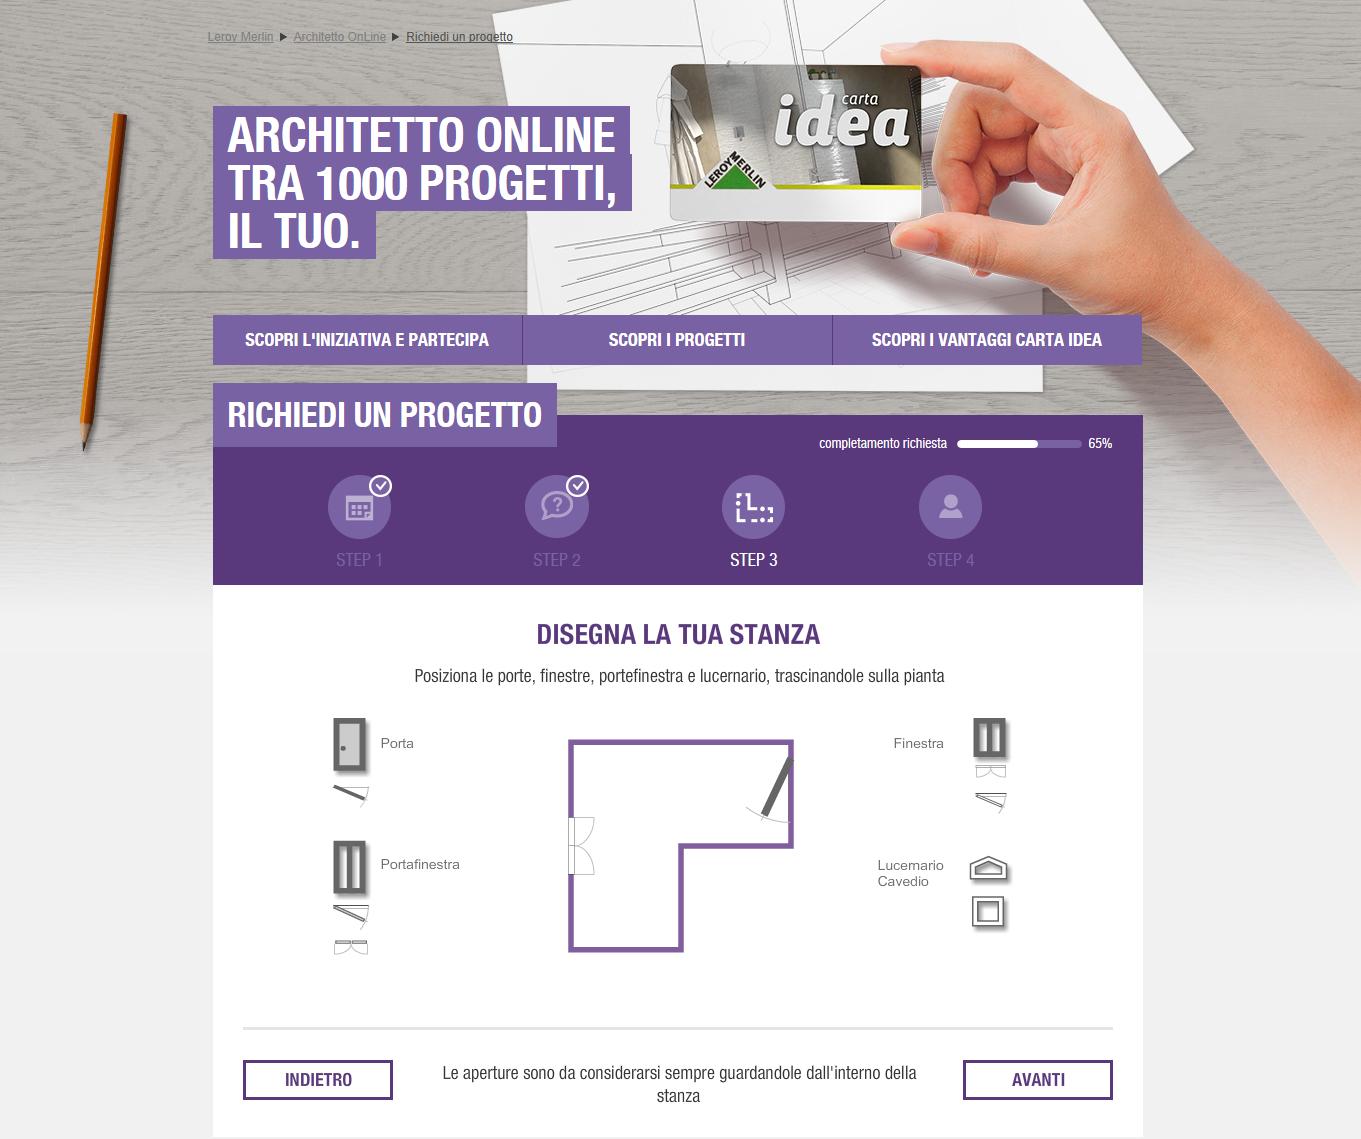 Arredo e design maggio 2013 for Consulenza architetto online